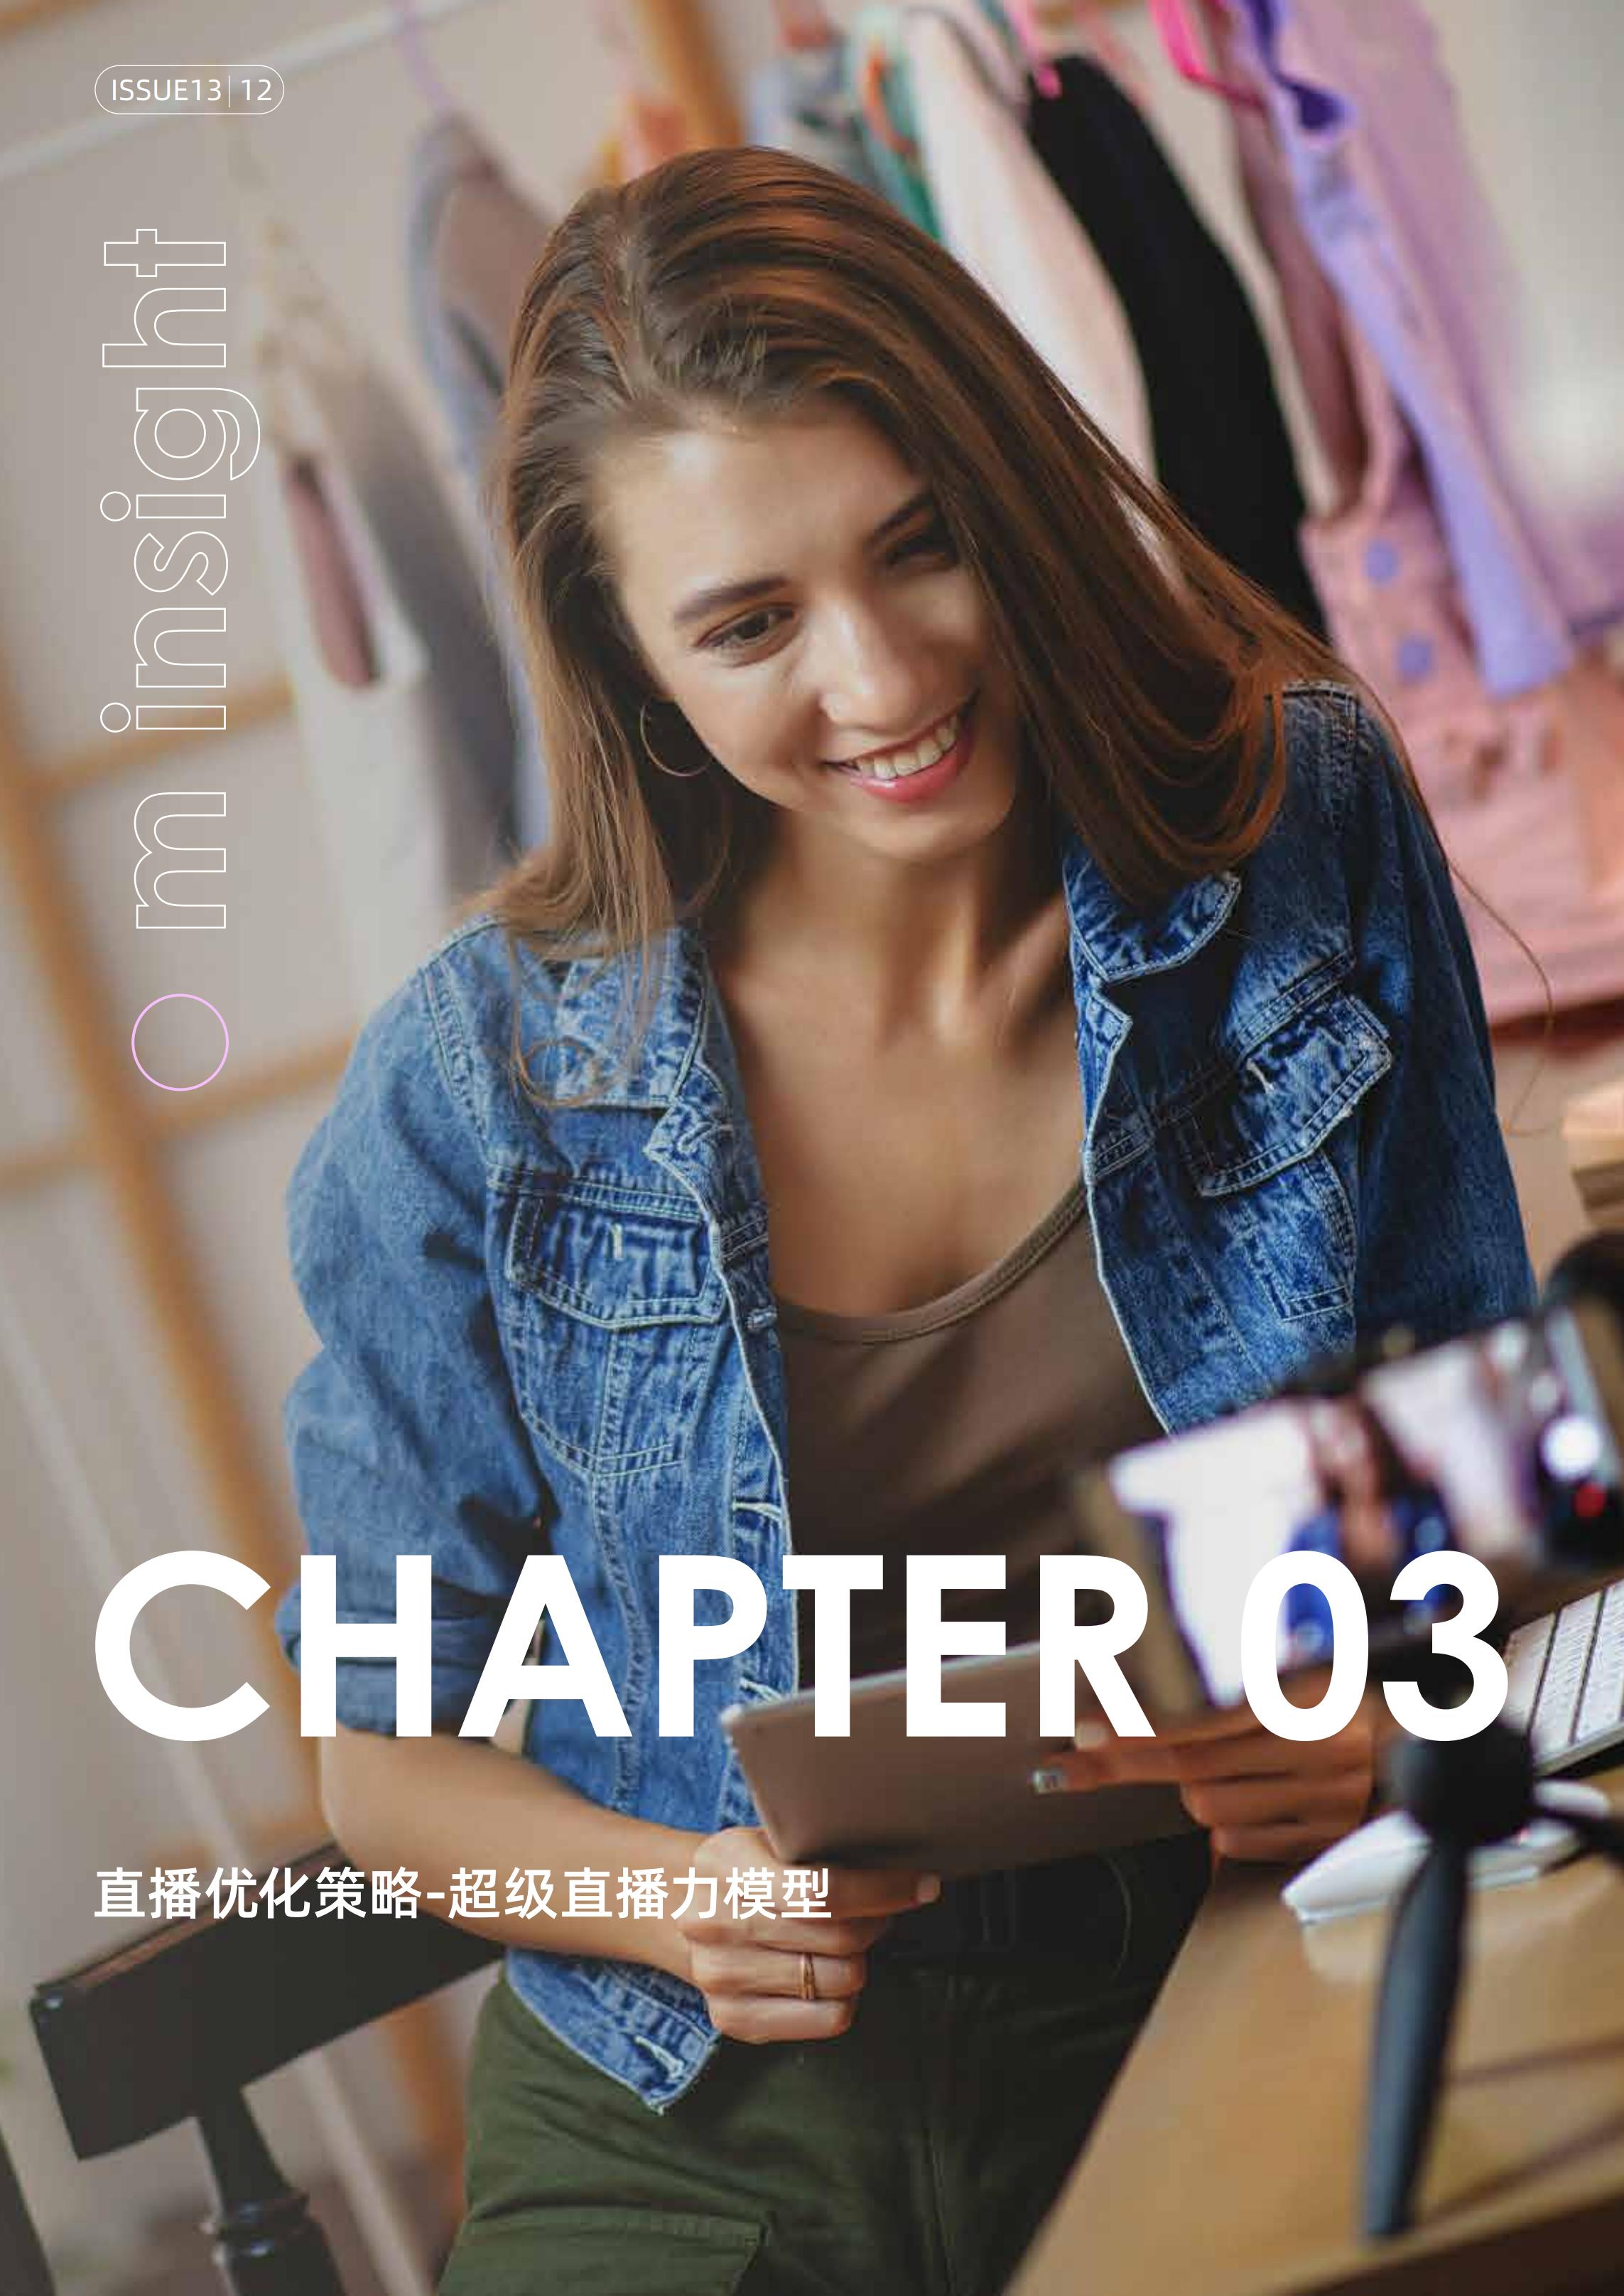 了不起的新世代:服飾風尚直播內容策略洞察(附下載)